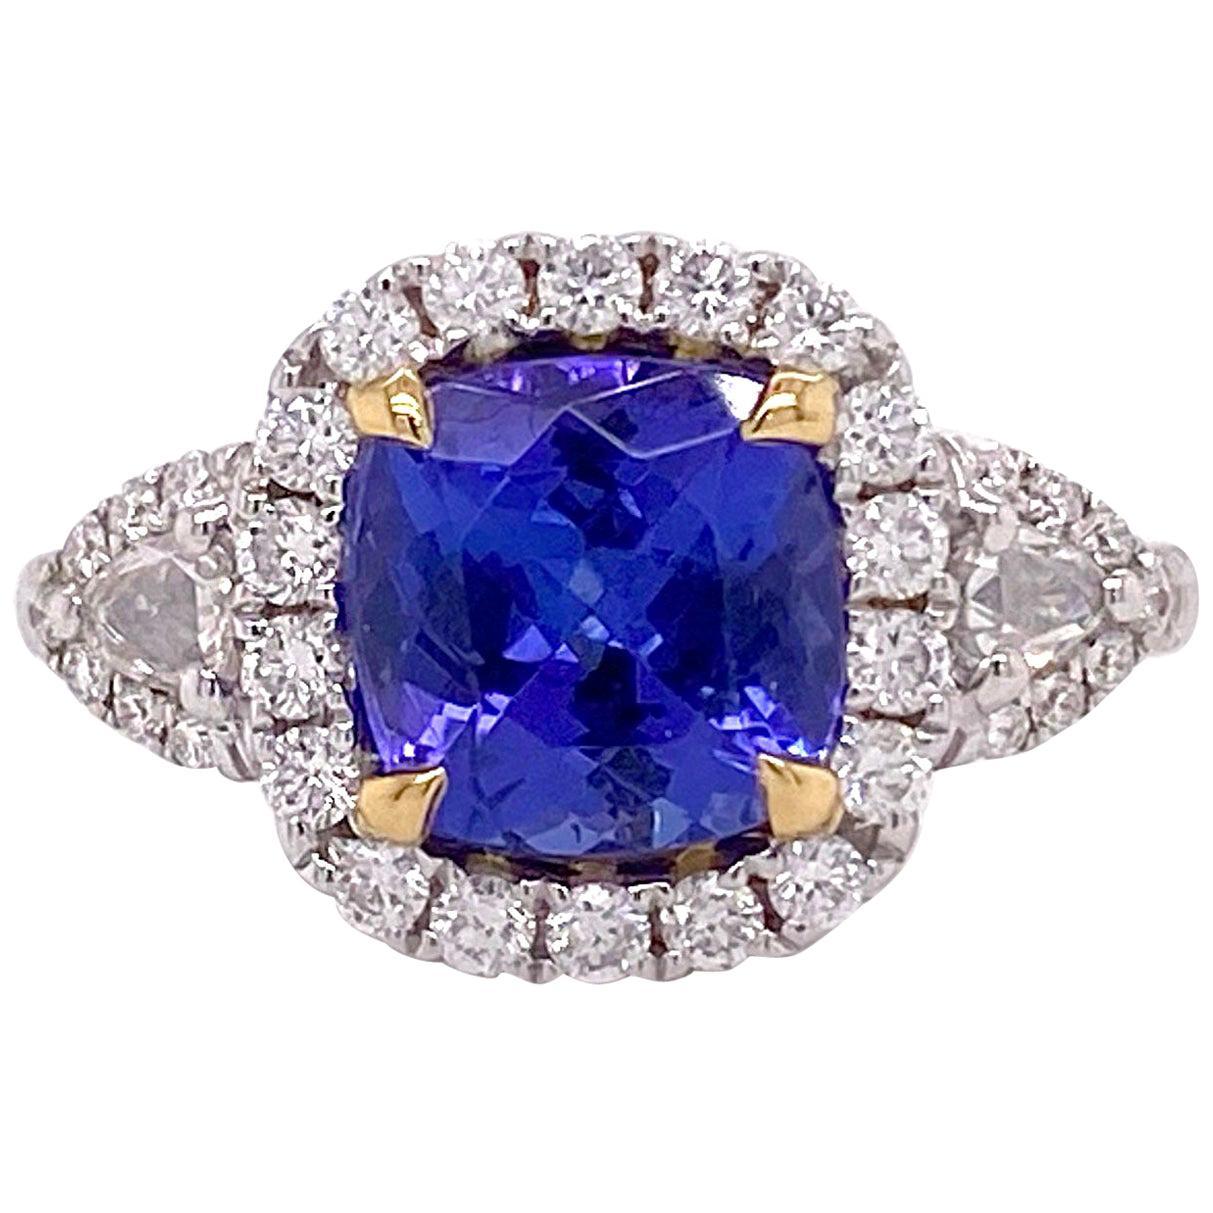 1.5 Carat Tanzanite Halo Ring, .50 Carat Diamond and Tanzanite Halo Ring